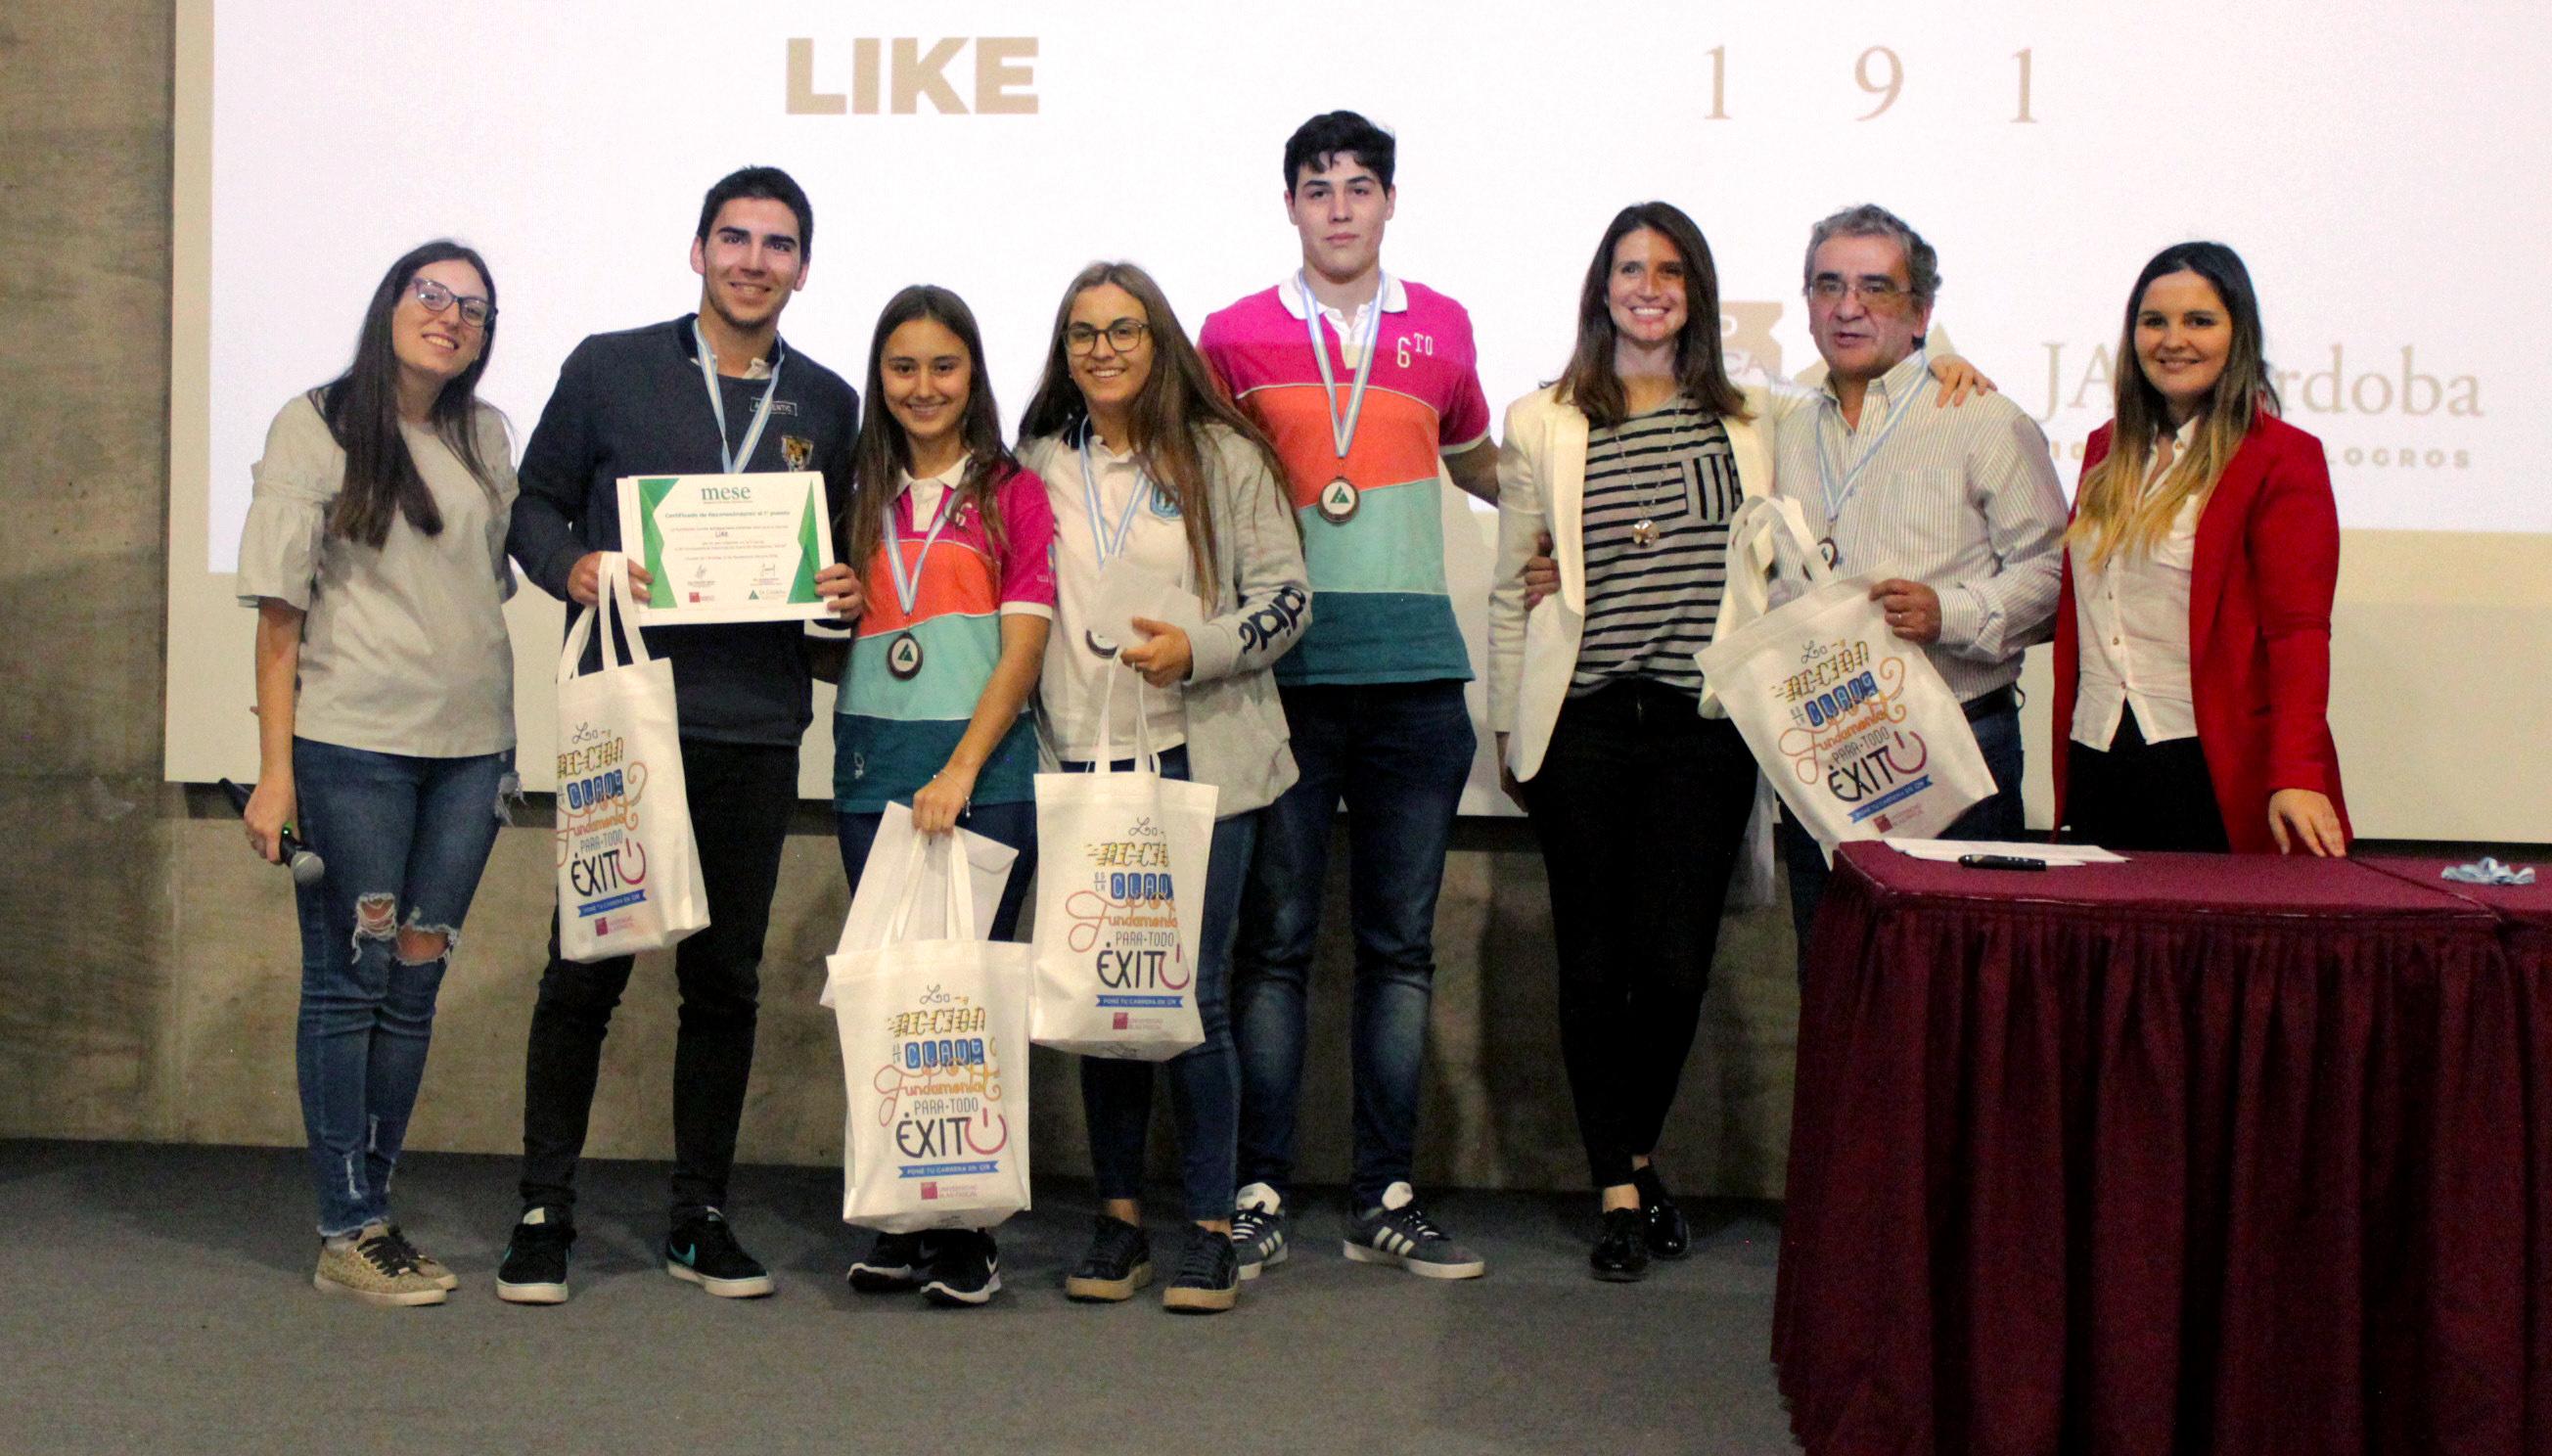 Colegio de Villa Concepción del Tío gana la competencia M.E.S.E.